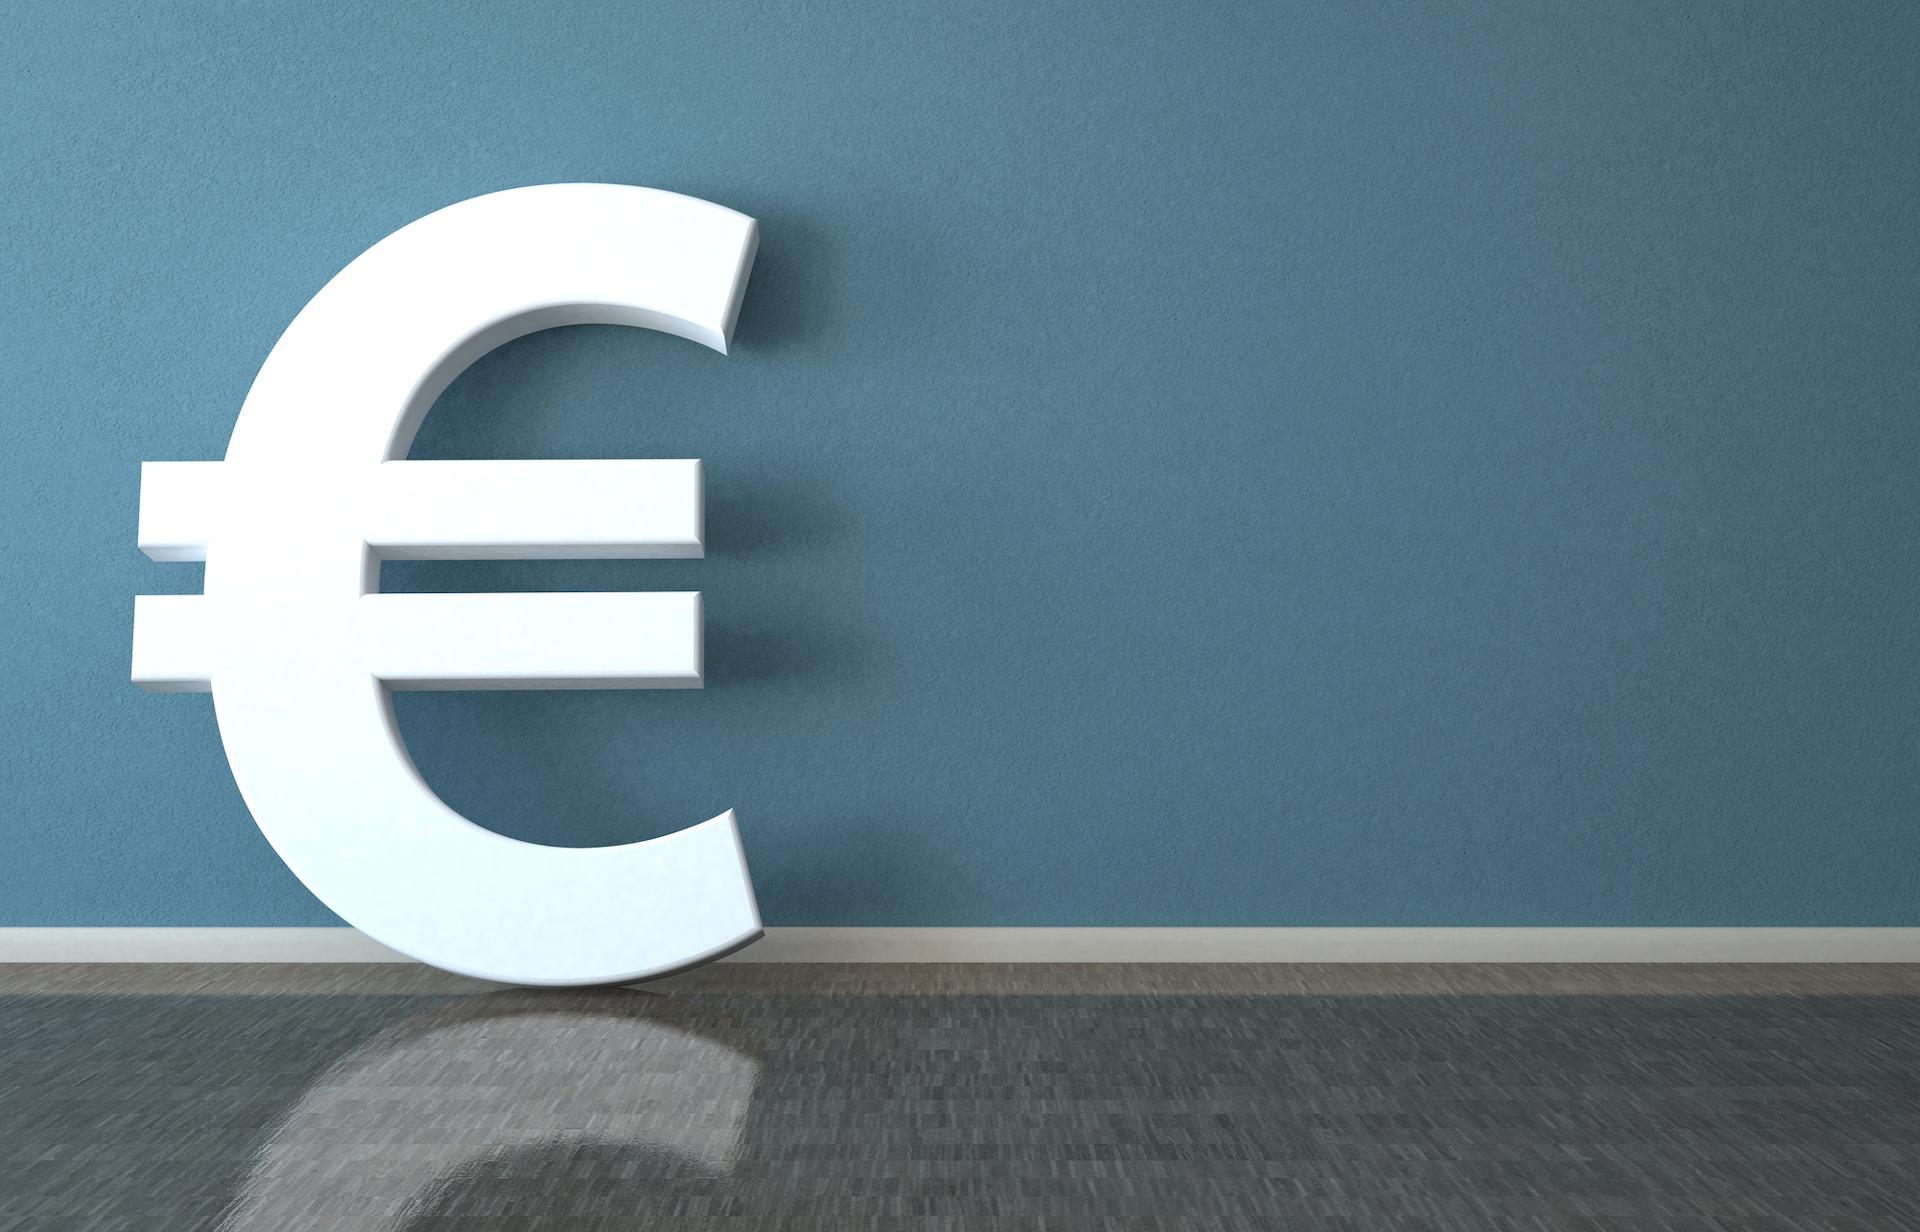 Eurofondy nezachraňujú životy. Ale môžu (komentár)